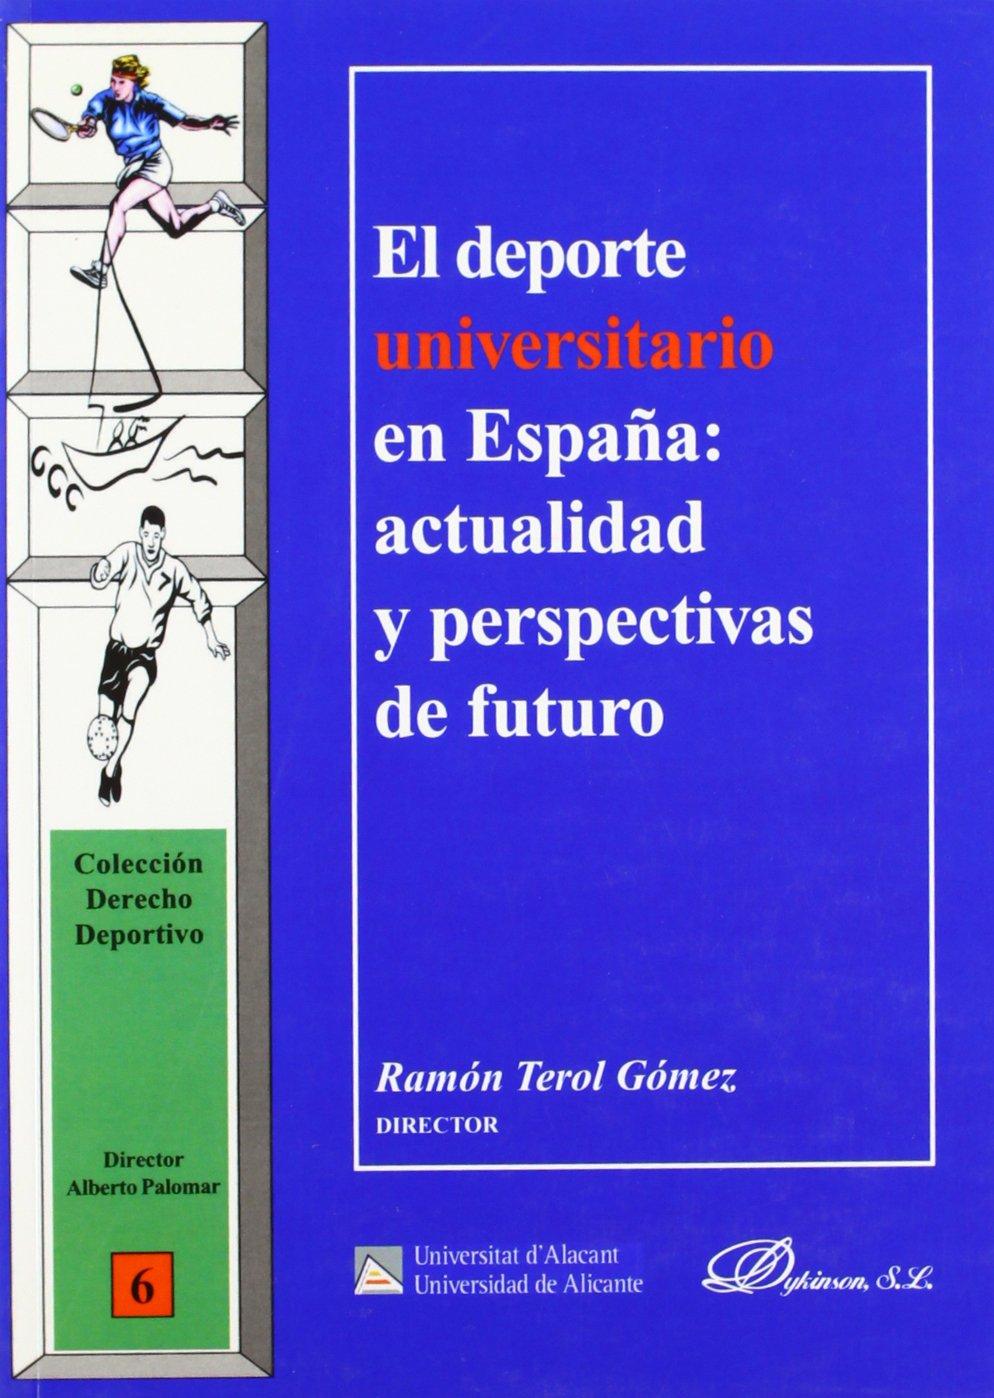 El Deporte Universitario En España Colección Derecho Deportivo: Amazon.es: Terol, Ramón: Libros